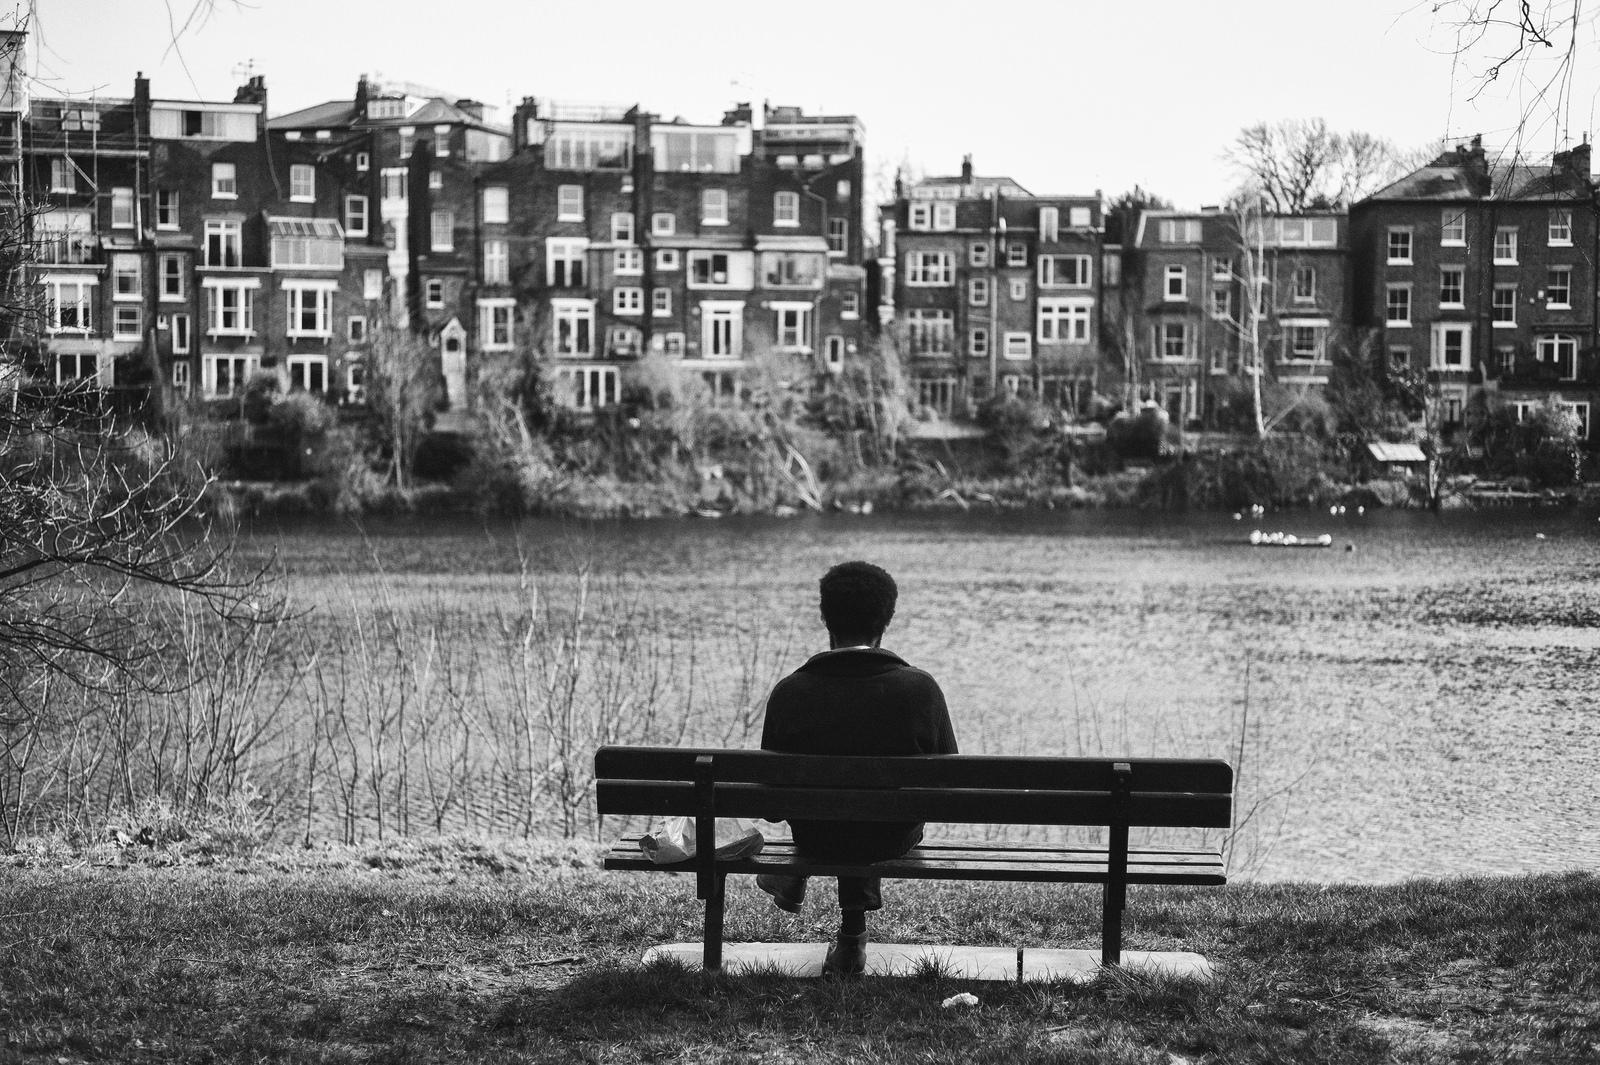 loneliness-in-london-alan-schaller-14